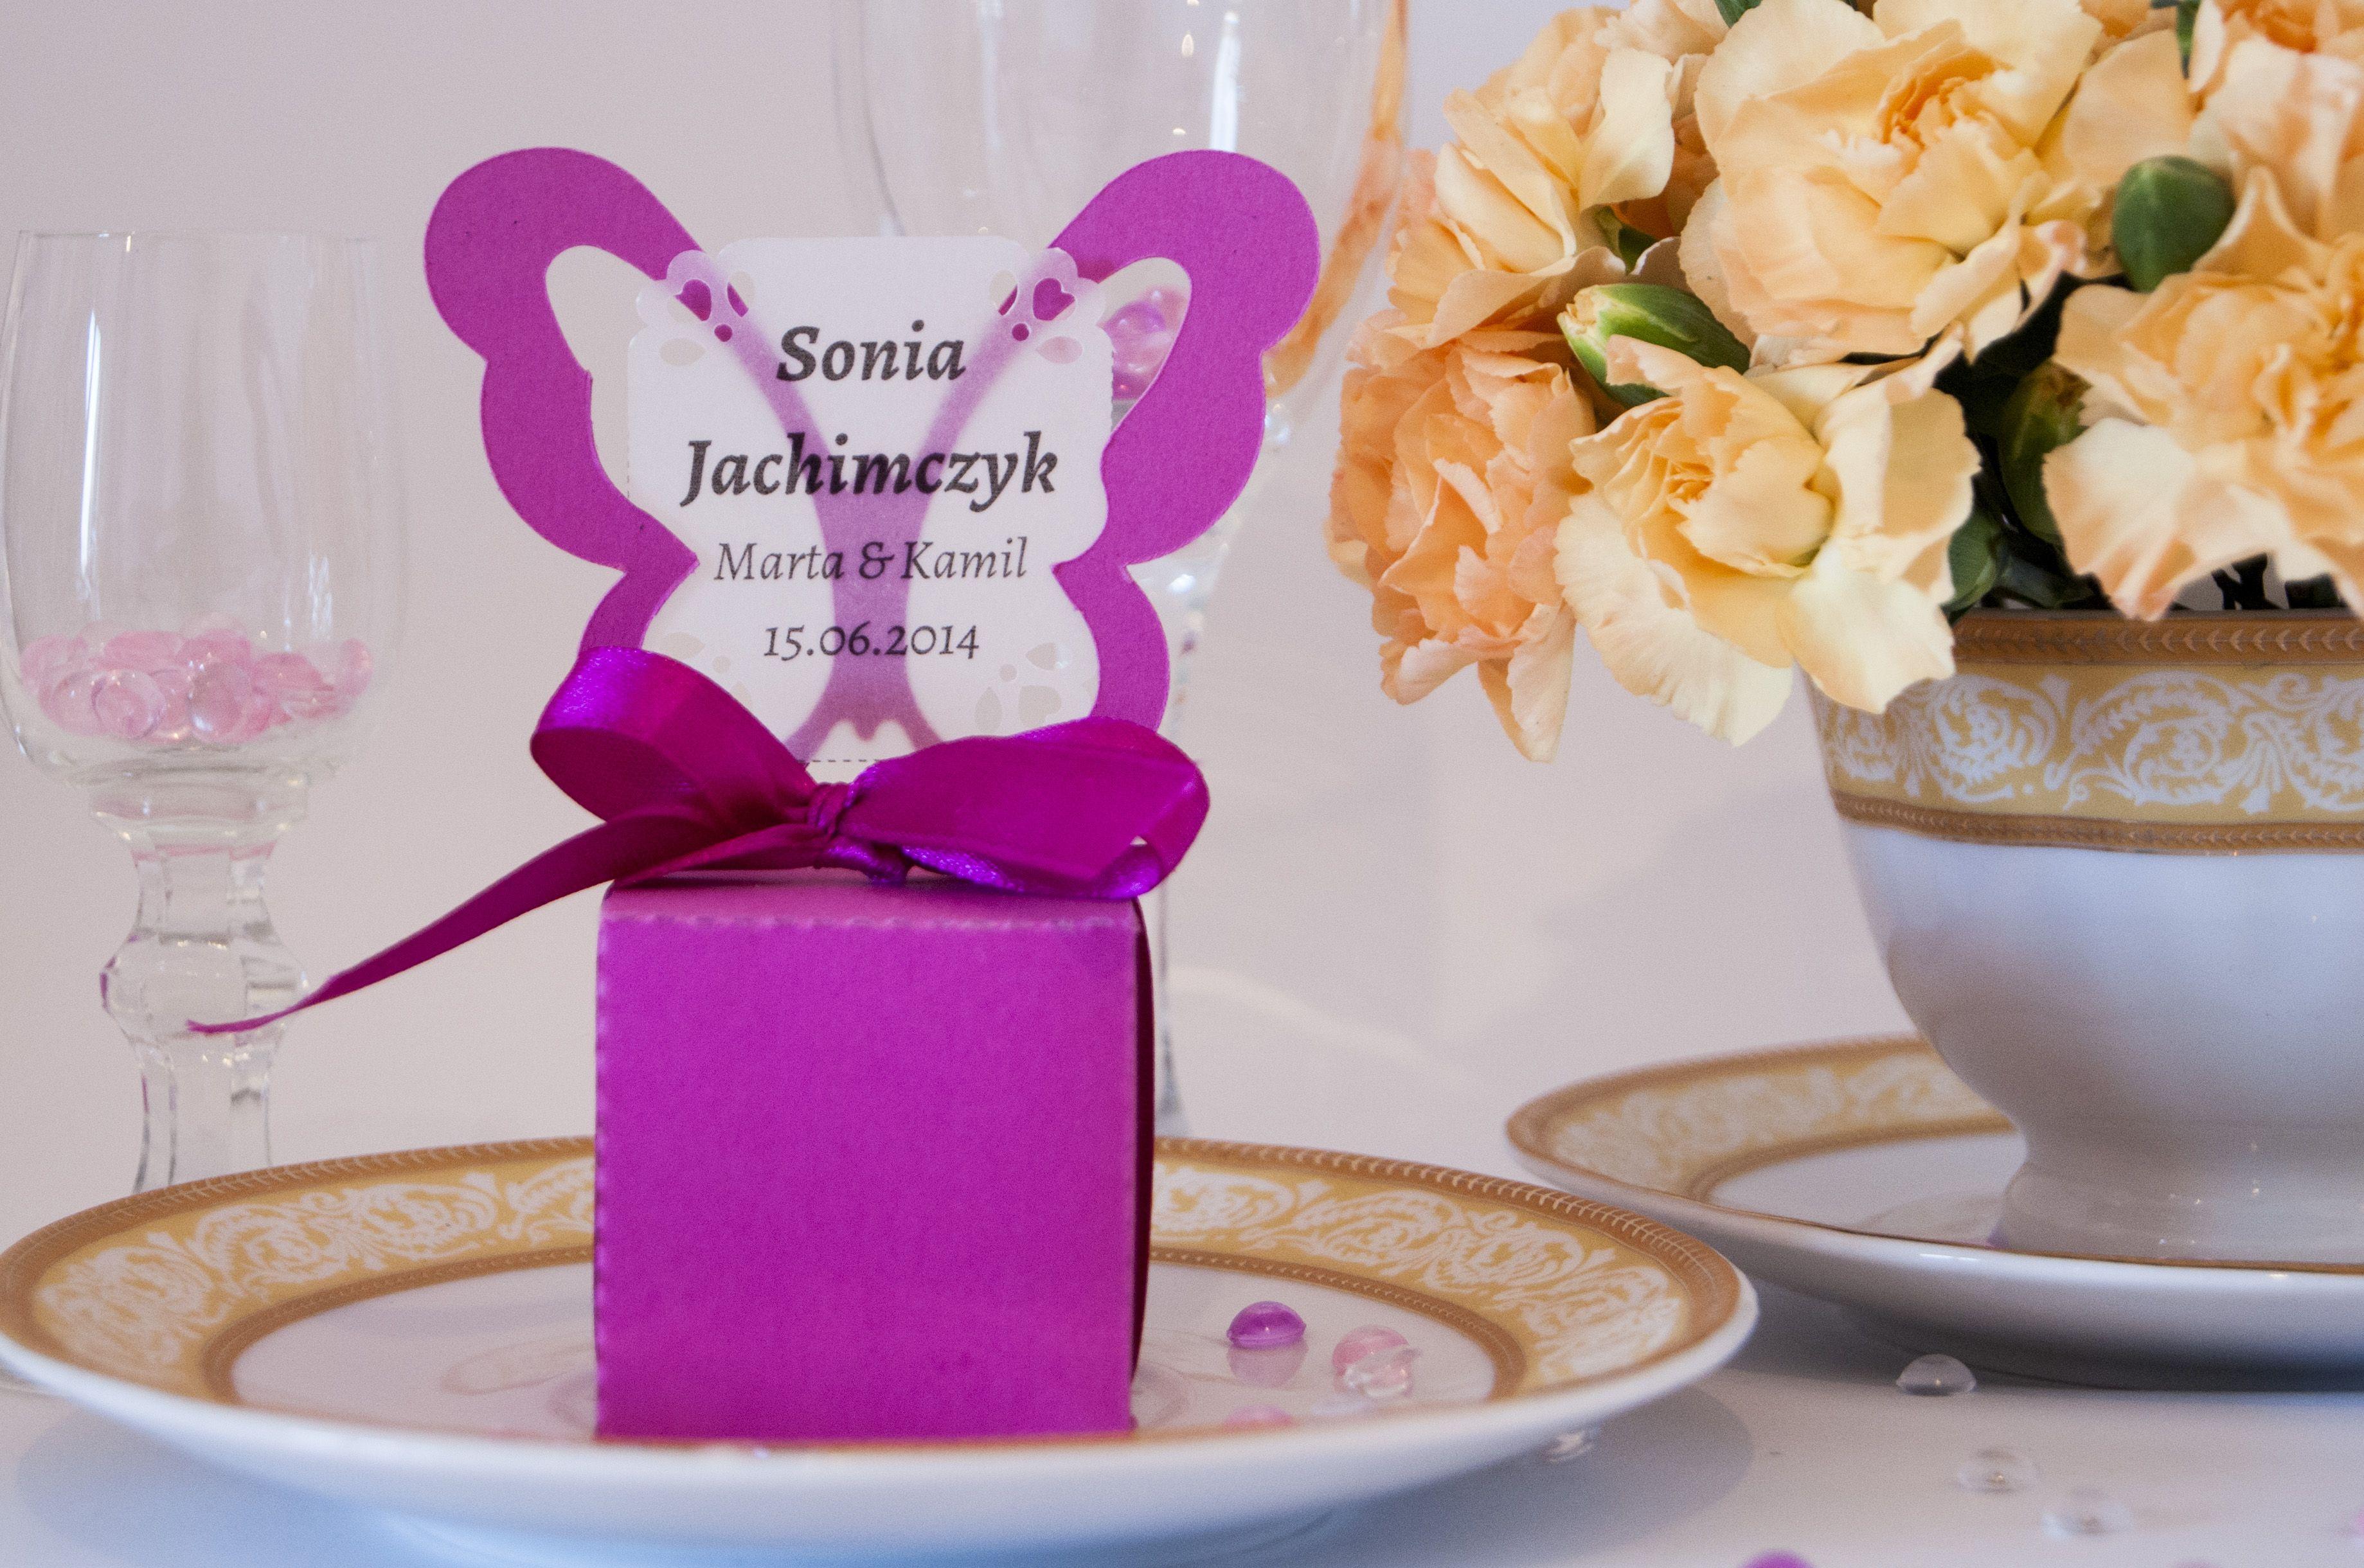 Login Allegro Slub Marzen Gg 48782731 Zapraszam Winietki Krzeselka Podziekowania Pudeleczka Slub Inspiracje Slubne Party Favors Butterfly Favors Favors